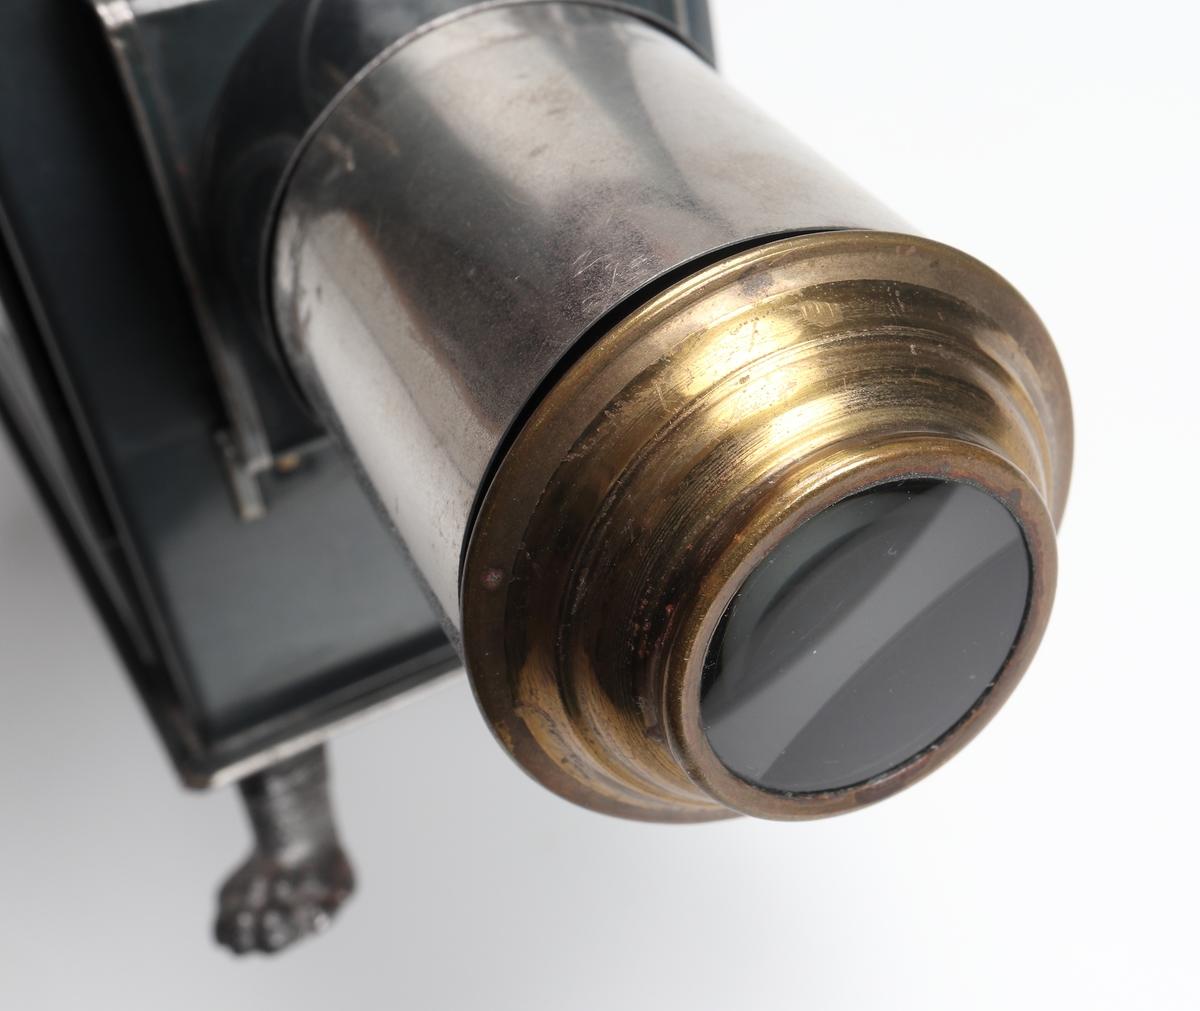 """Laterna Magica, leksaksprojektor tillverkad av blåanlöpt bleckplåt. Objektivet är skjutbart, med förnicklad hylsa. På projektorns sida finns en dörr där ljuskällan insättes, samt ovanpå den en vinklad rökhuv. Ljuskällan består av en enkel fotogenlampa.  Hela projektorhuset bärs upp av fyra fötter i pressad plåt. På dörrens sida finns ett ett förnicklat emblem med bokstäverna: """"GNB"""". """"Filmerna"""" eller bilderna till projektorn består av 22 st målade rektangulära glasbitar (18 x 5 cm) som har följande motiv: Snövit, Tummeliten, Törnrosa, Rödluvan, Jesu liv, Gamla Testamentet, Askungen samt Jesu korsfästelse."""